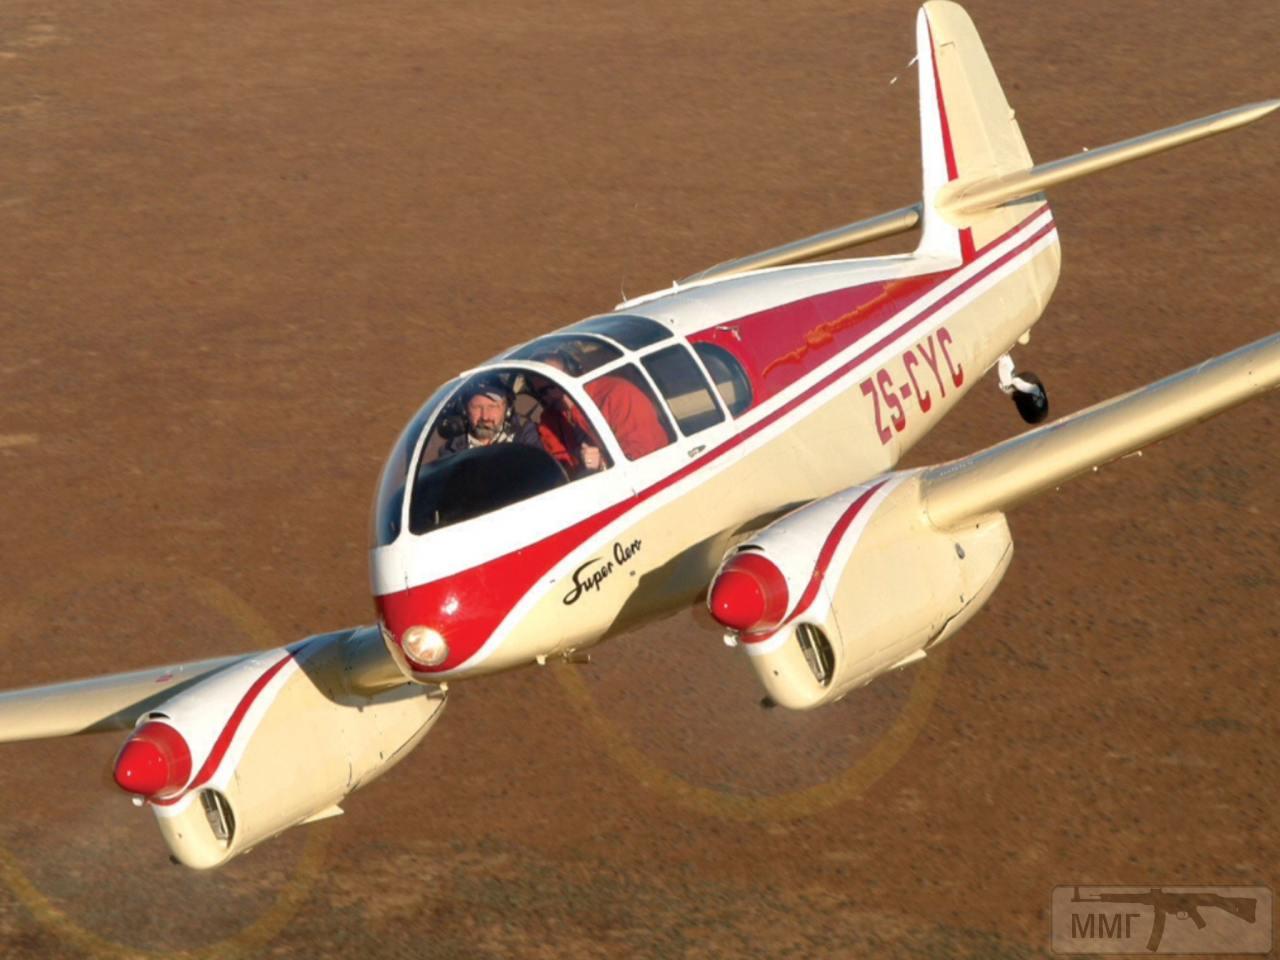 106255 - Фотографии гражданских летательных аппаратов